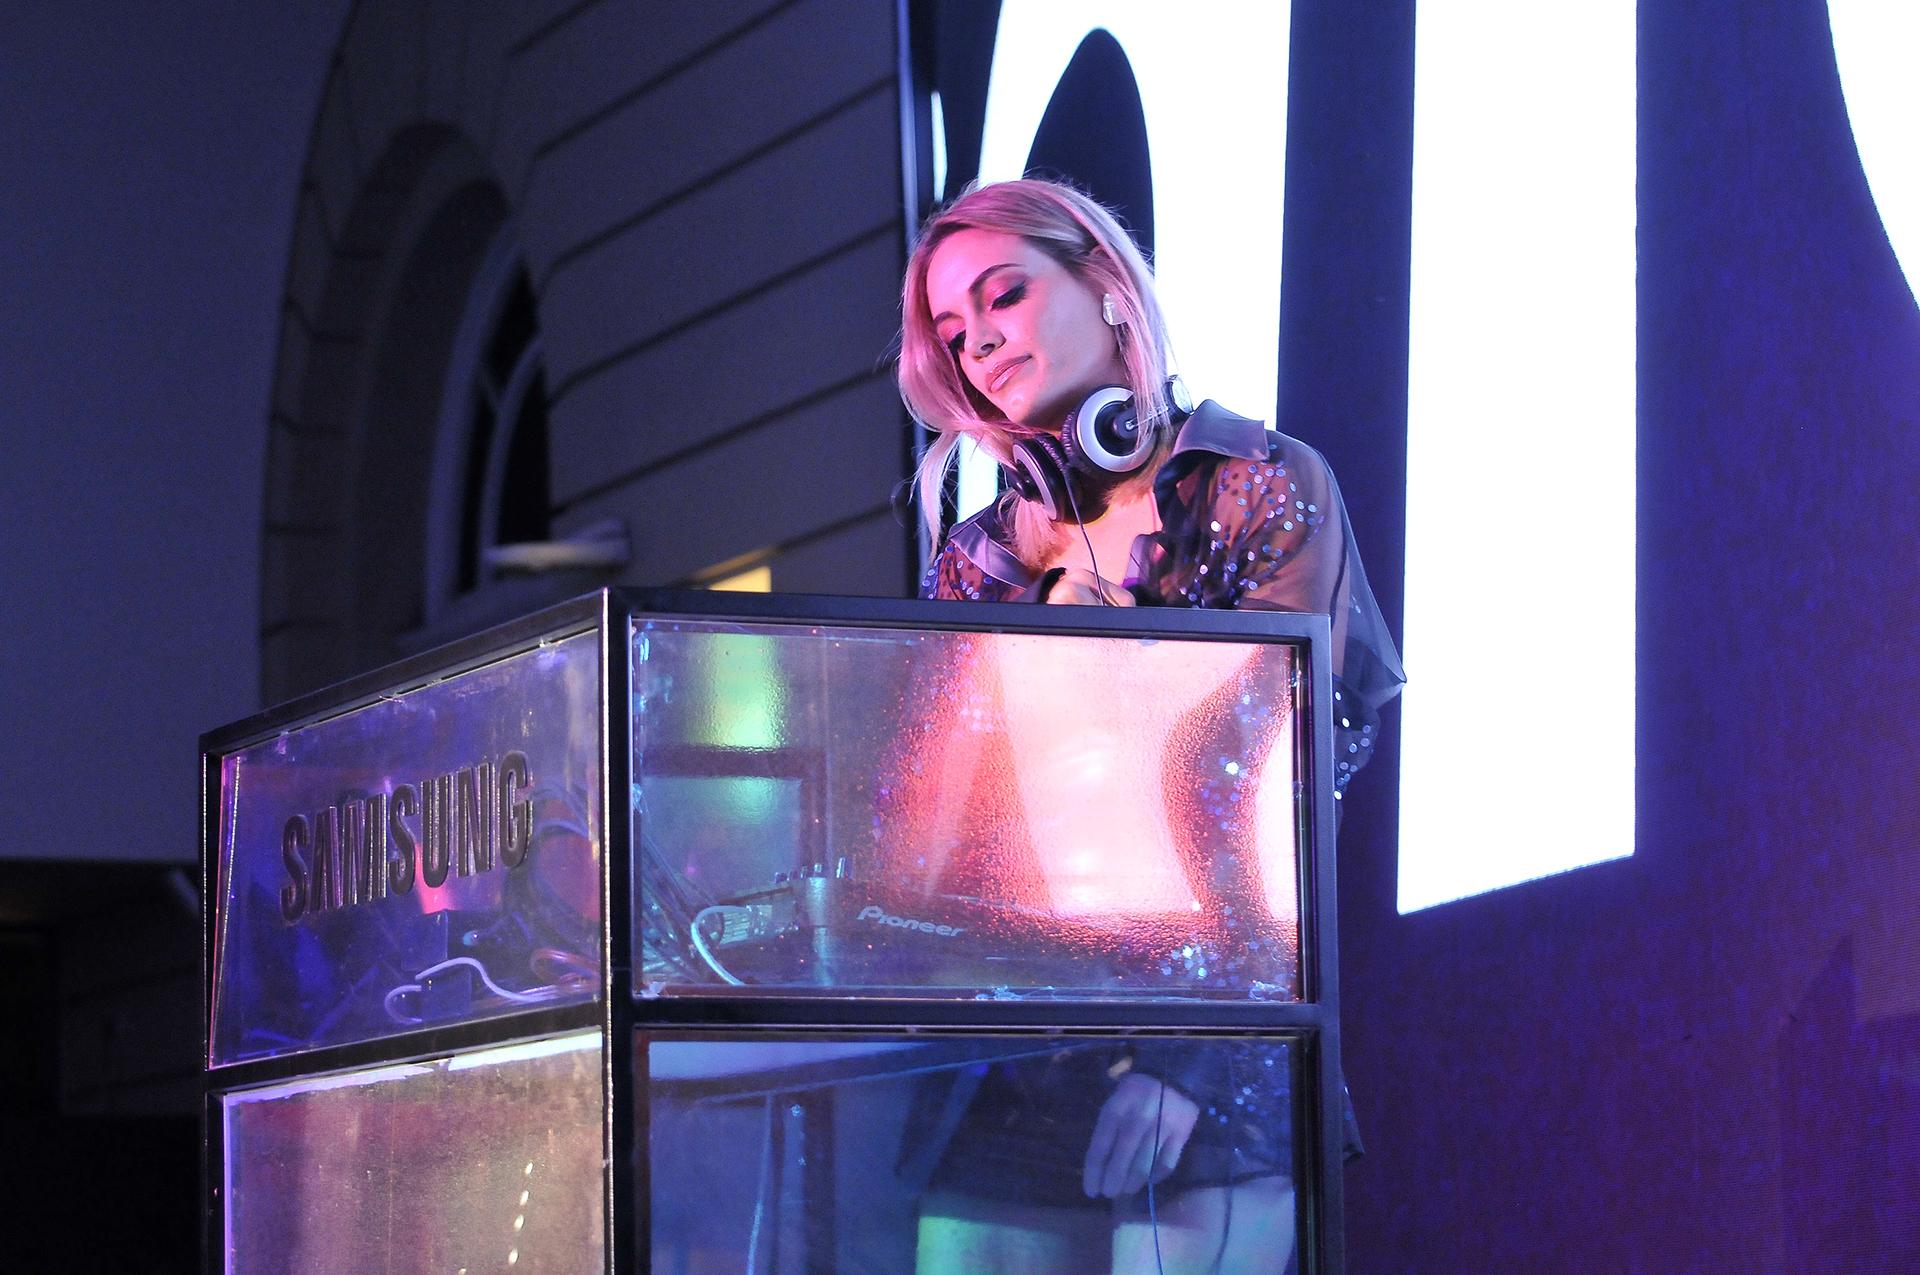 ¡Hey, DJ! Emilia Attias hizo bailar a los invitados